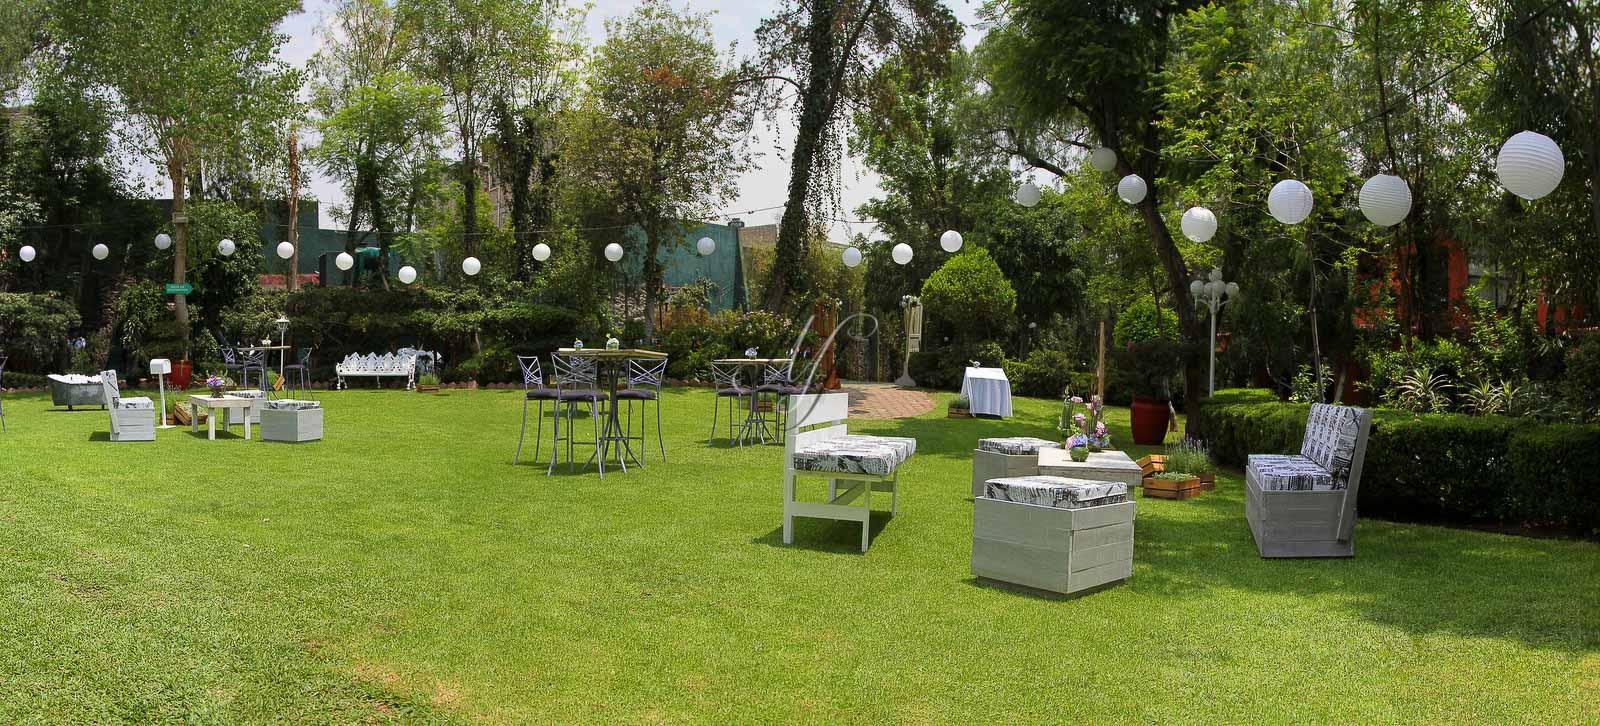 Arbol de fuego banquetes hada martens for Jardines mexico